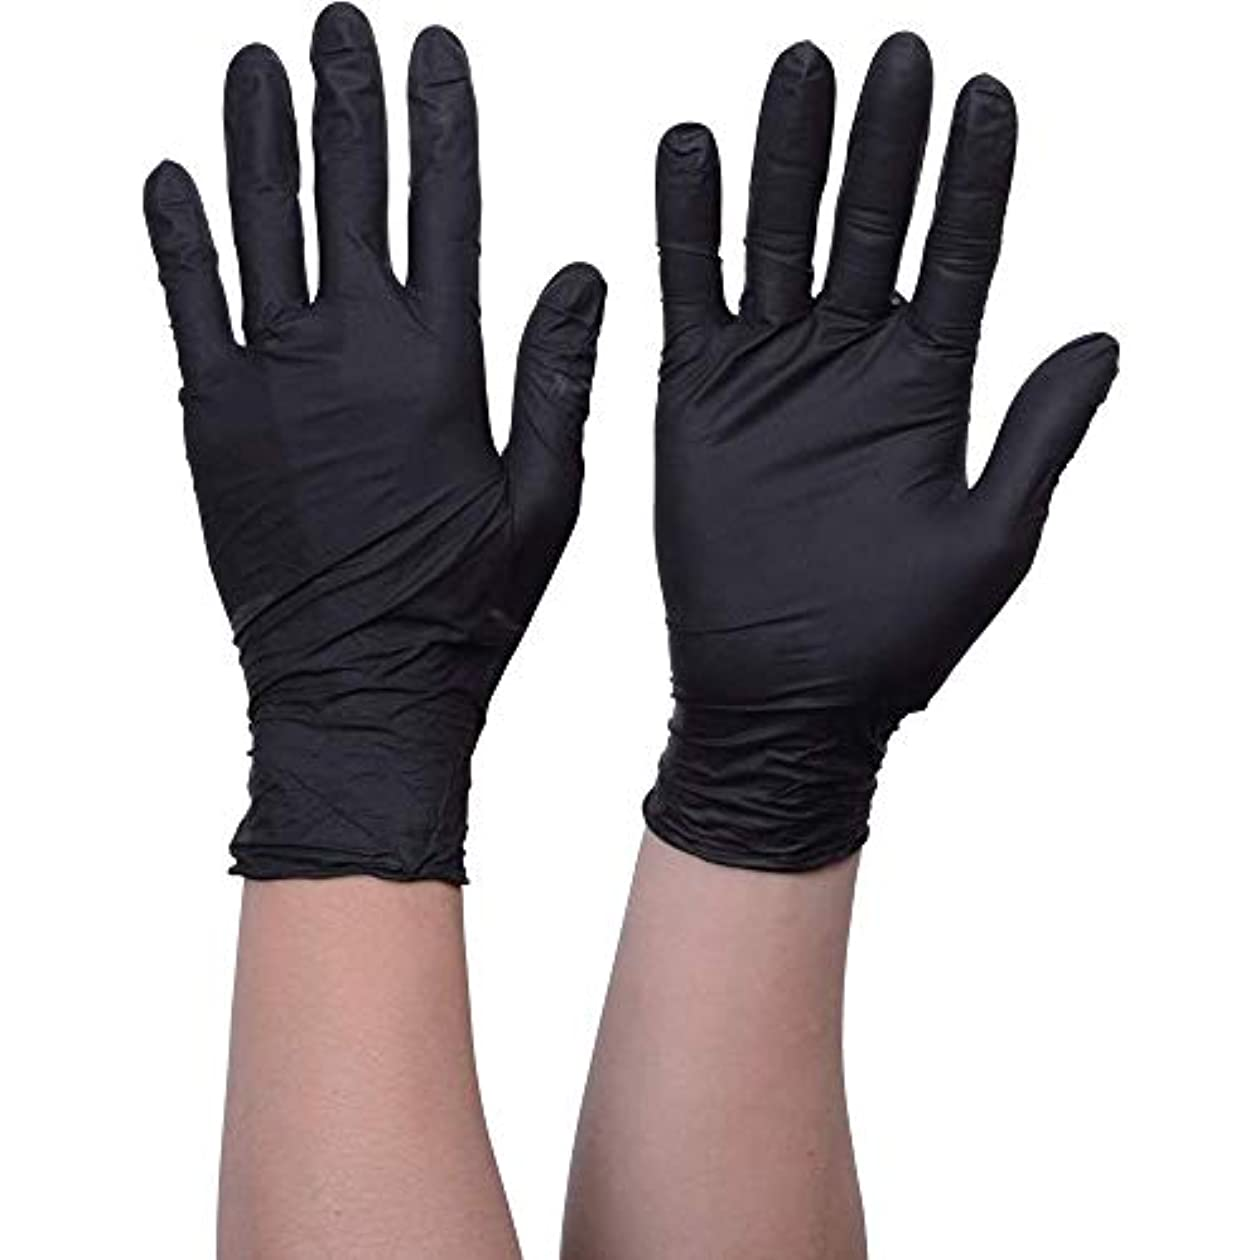 審判牛肉成熟したニトリル手袋 使い捨て手袋防水耐油耐久性が強い上に軽く高品質ブラック100枚入